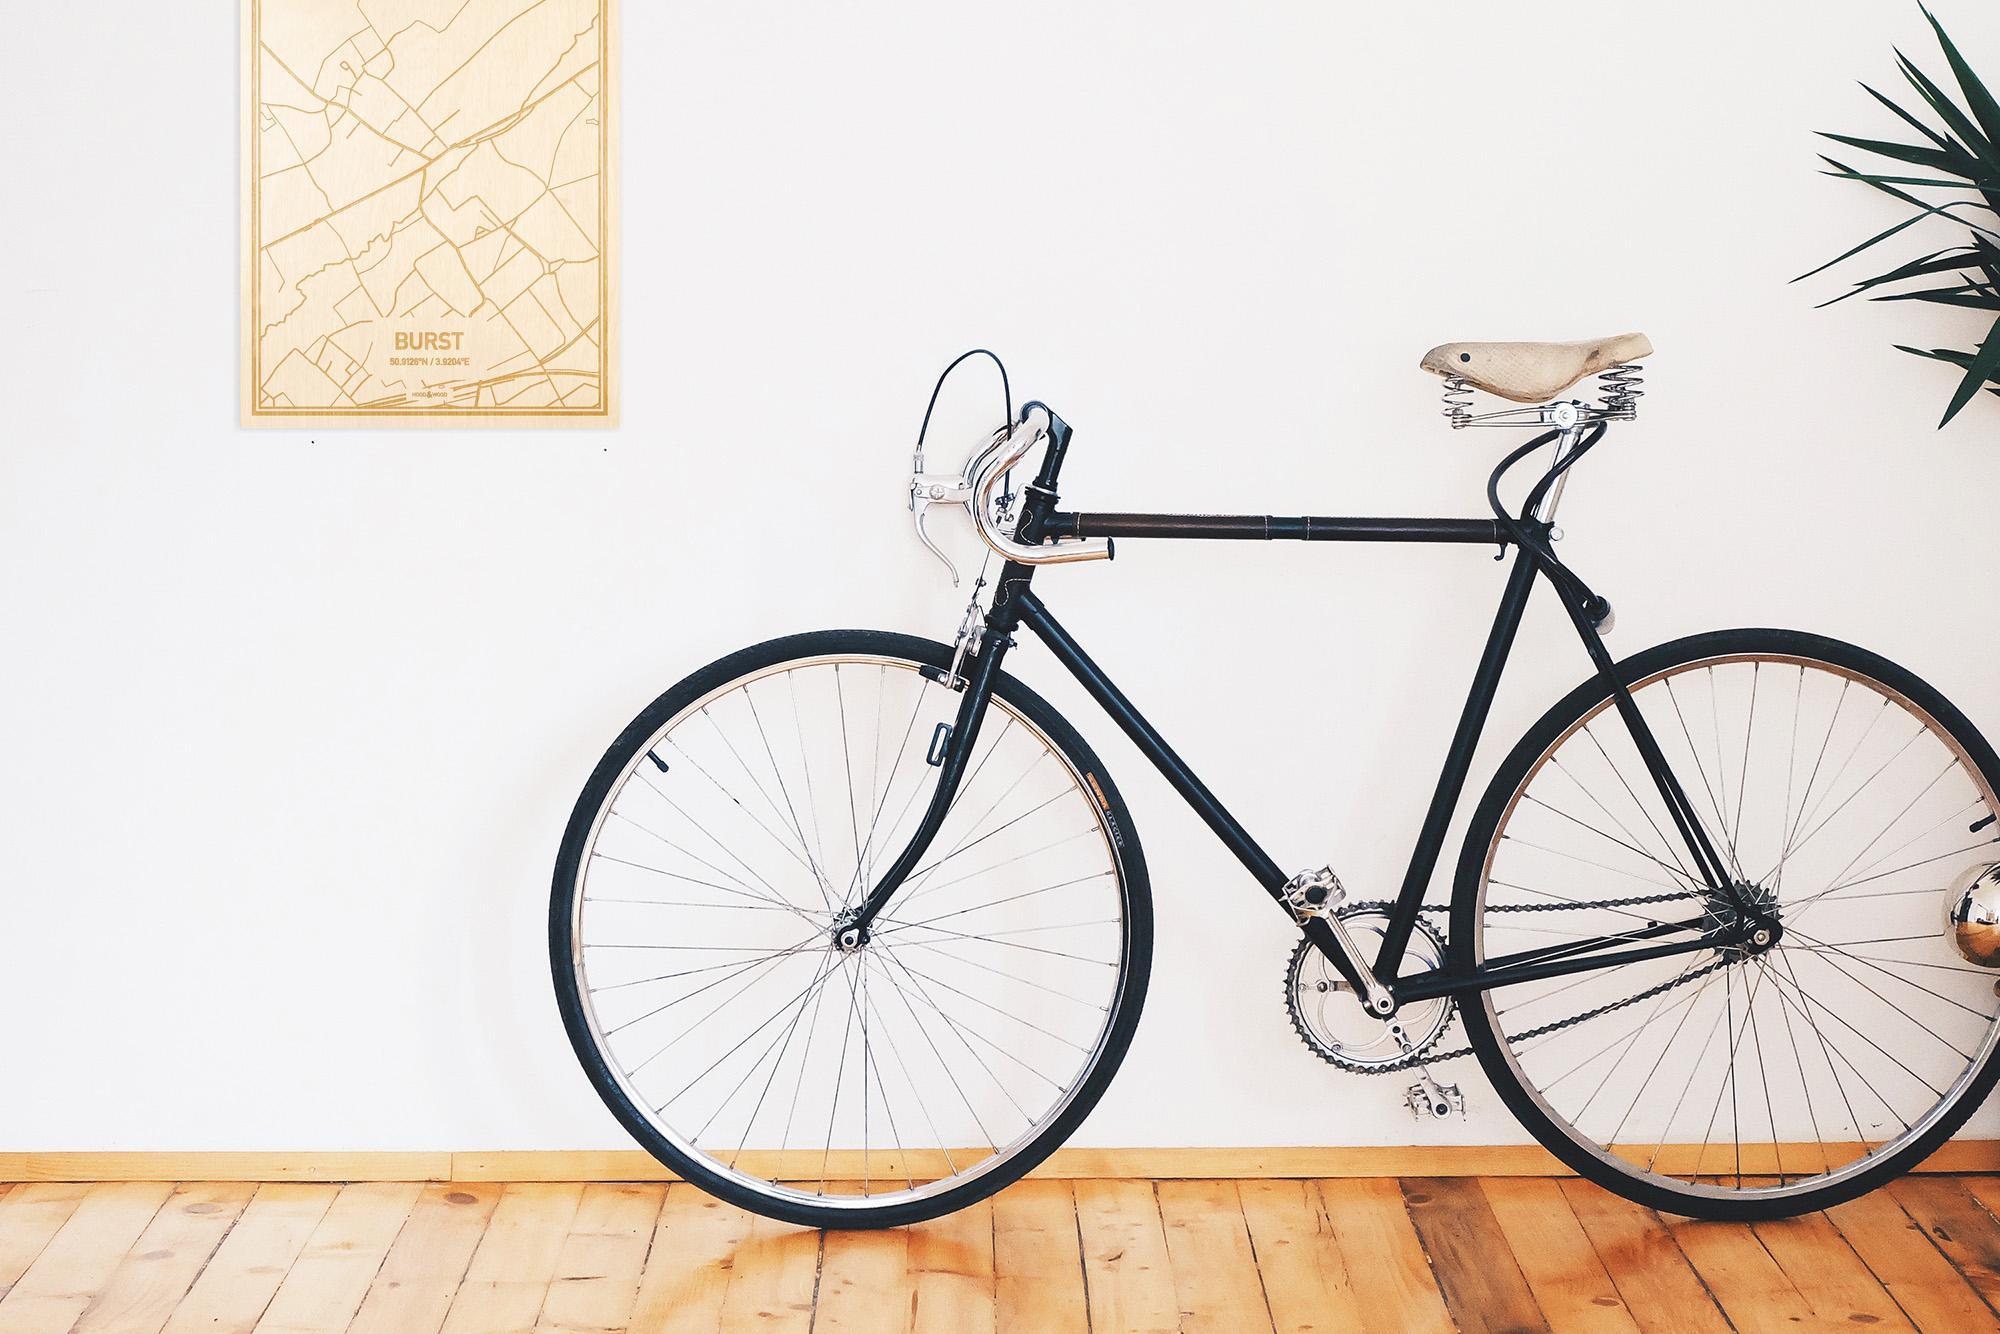 Een snelle fiets in een uniek interieur in Oost-Vlaanderen  met mooie decoratie zoals de plattegrond Burst.